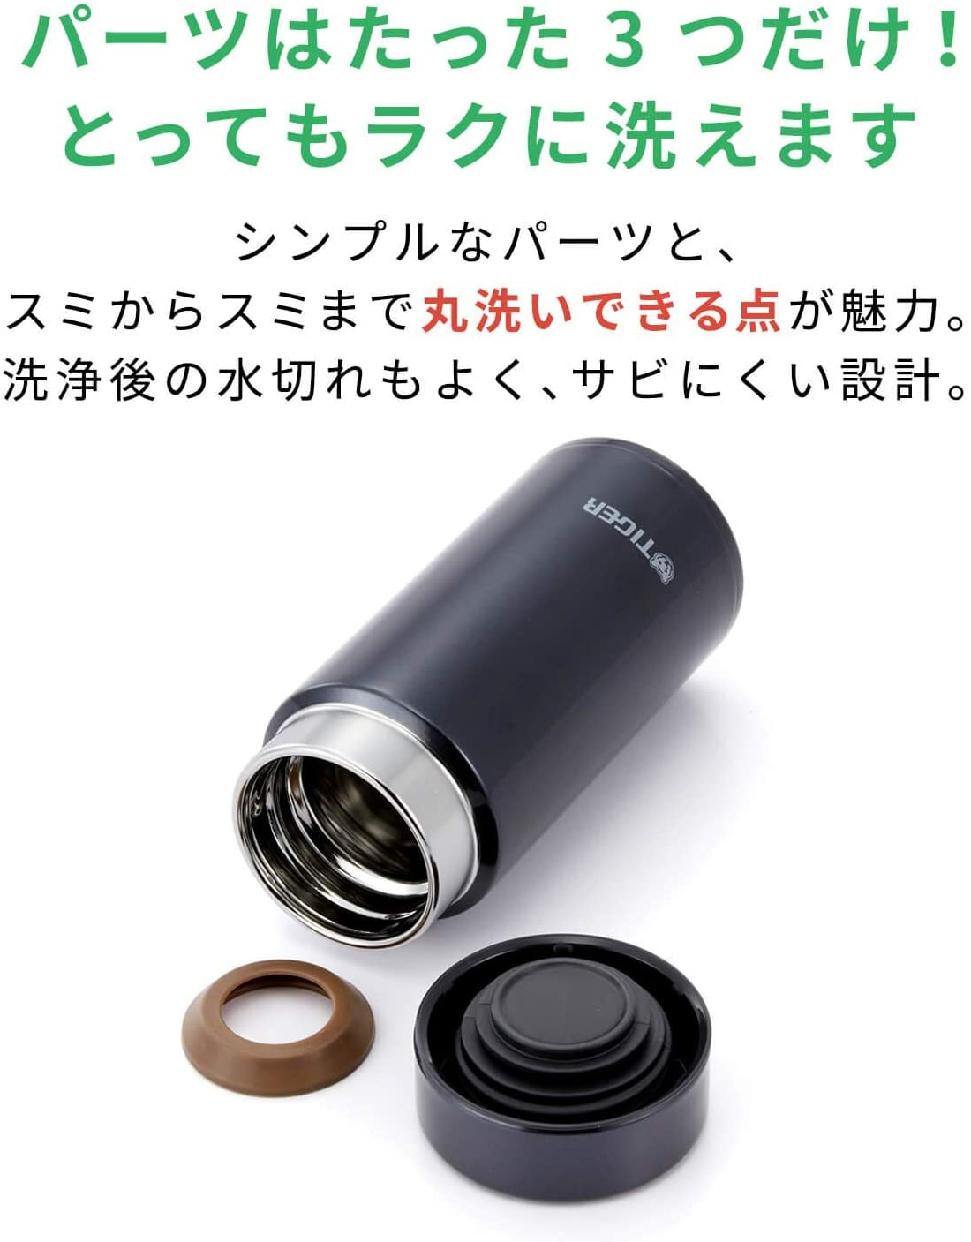 タイガー魔法瓶(たいがーまほうびん)ステンレスミニボトル MMP-J020の商品画像6